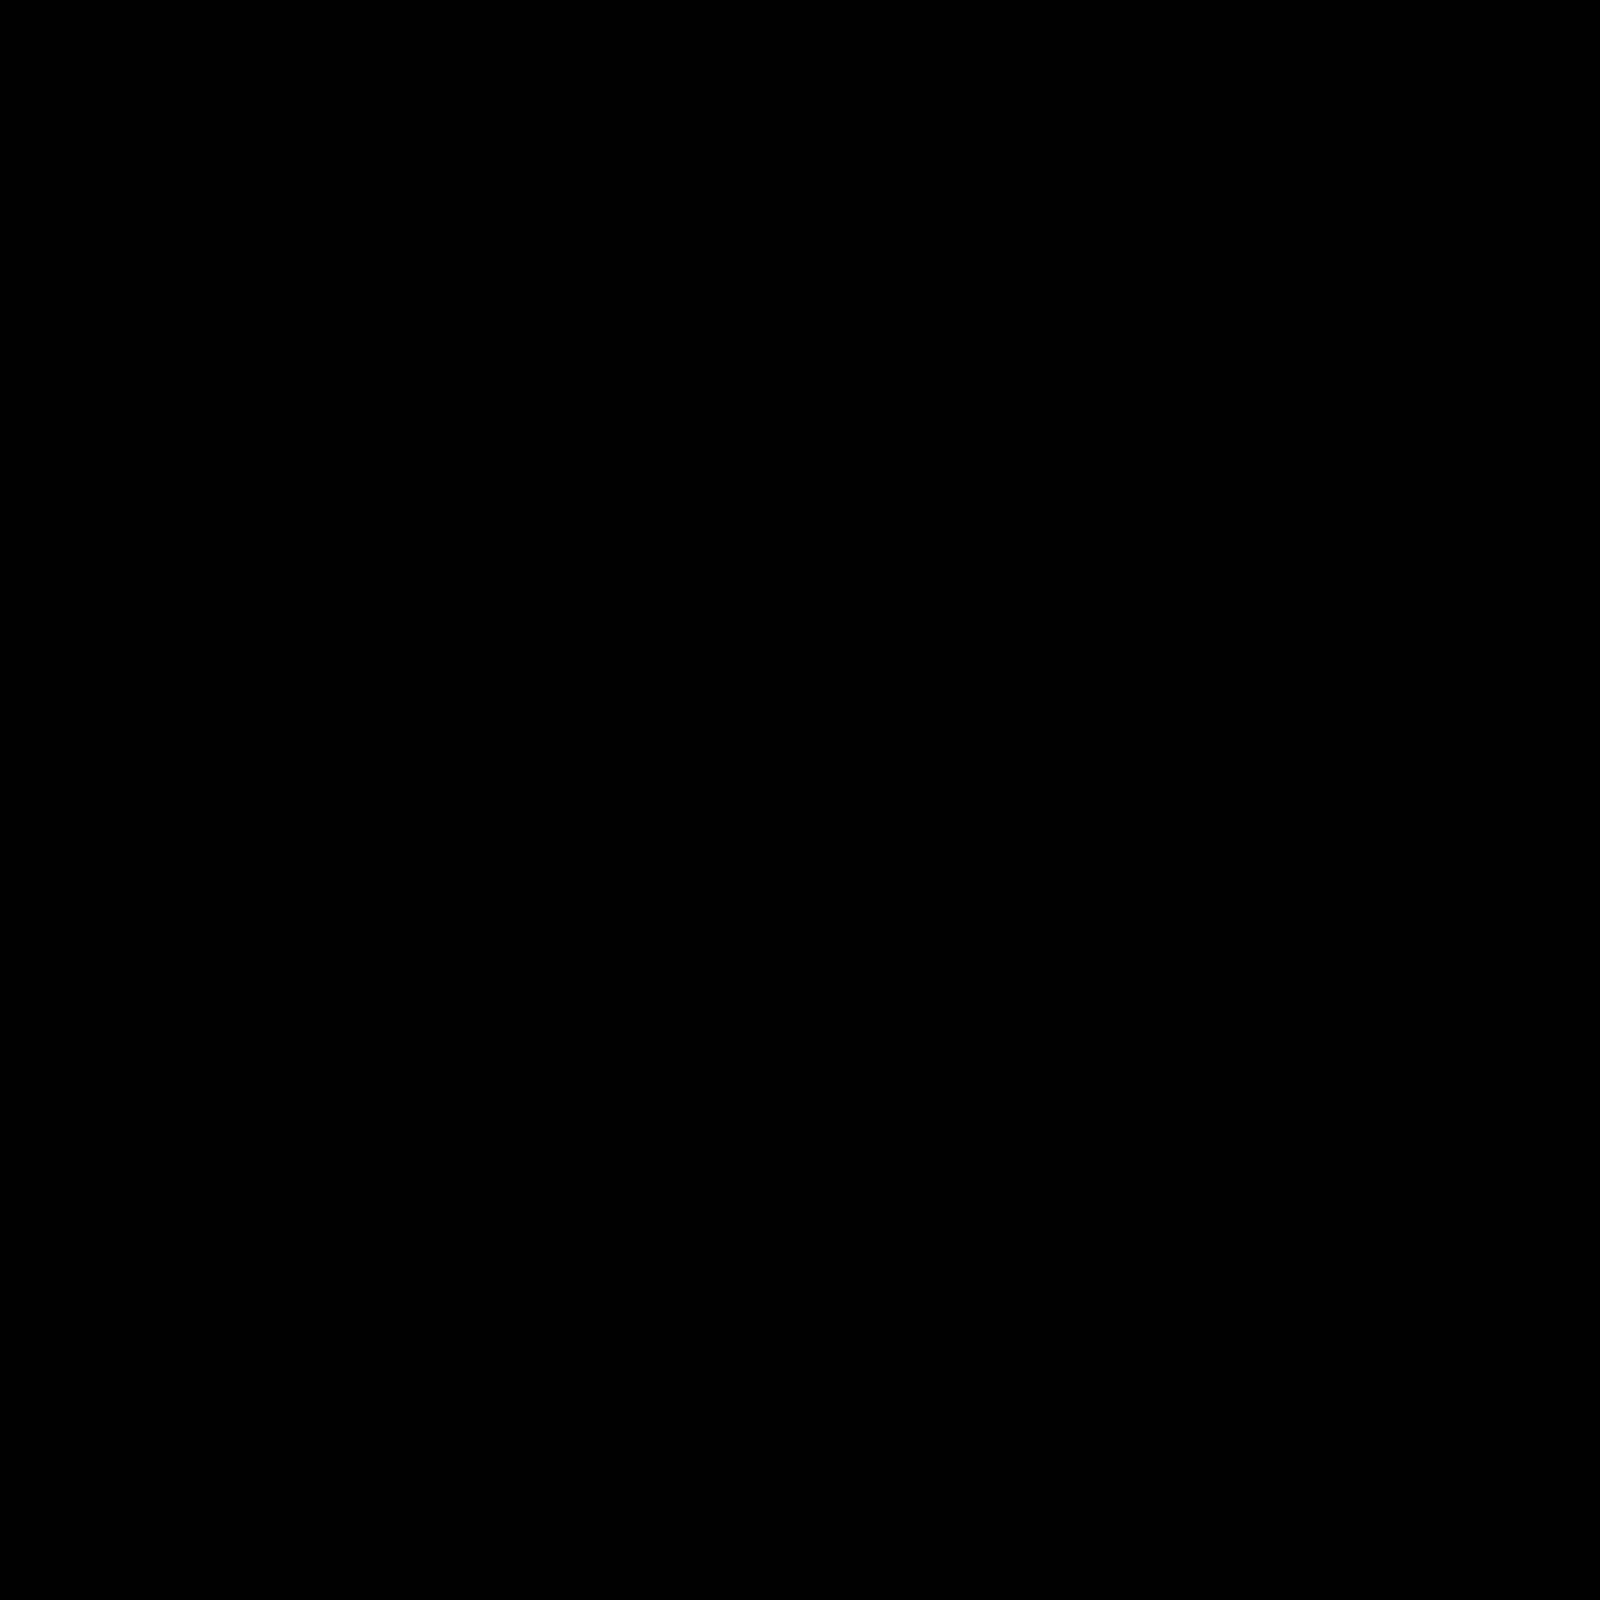 卒業帽 icon. This is the cap which we wear during the graduation. It consists of small cylindrical shaped part which fits on the top of our head. On the top of it there is square shaped card attached to the cylindrical part. There will be tag like string attached to one corner of the square card. This cap is called as graduation cap since we wear it during our graduation.